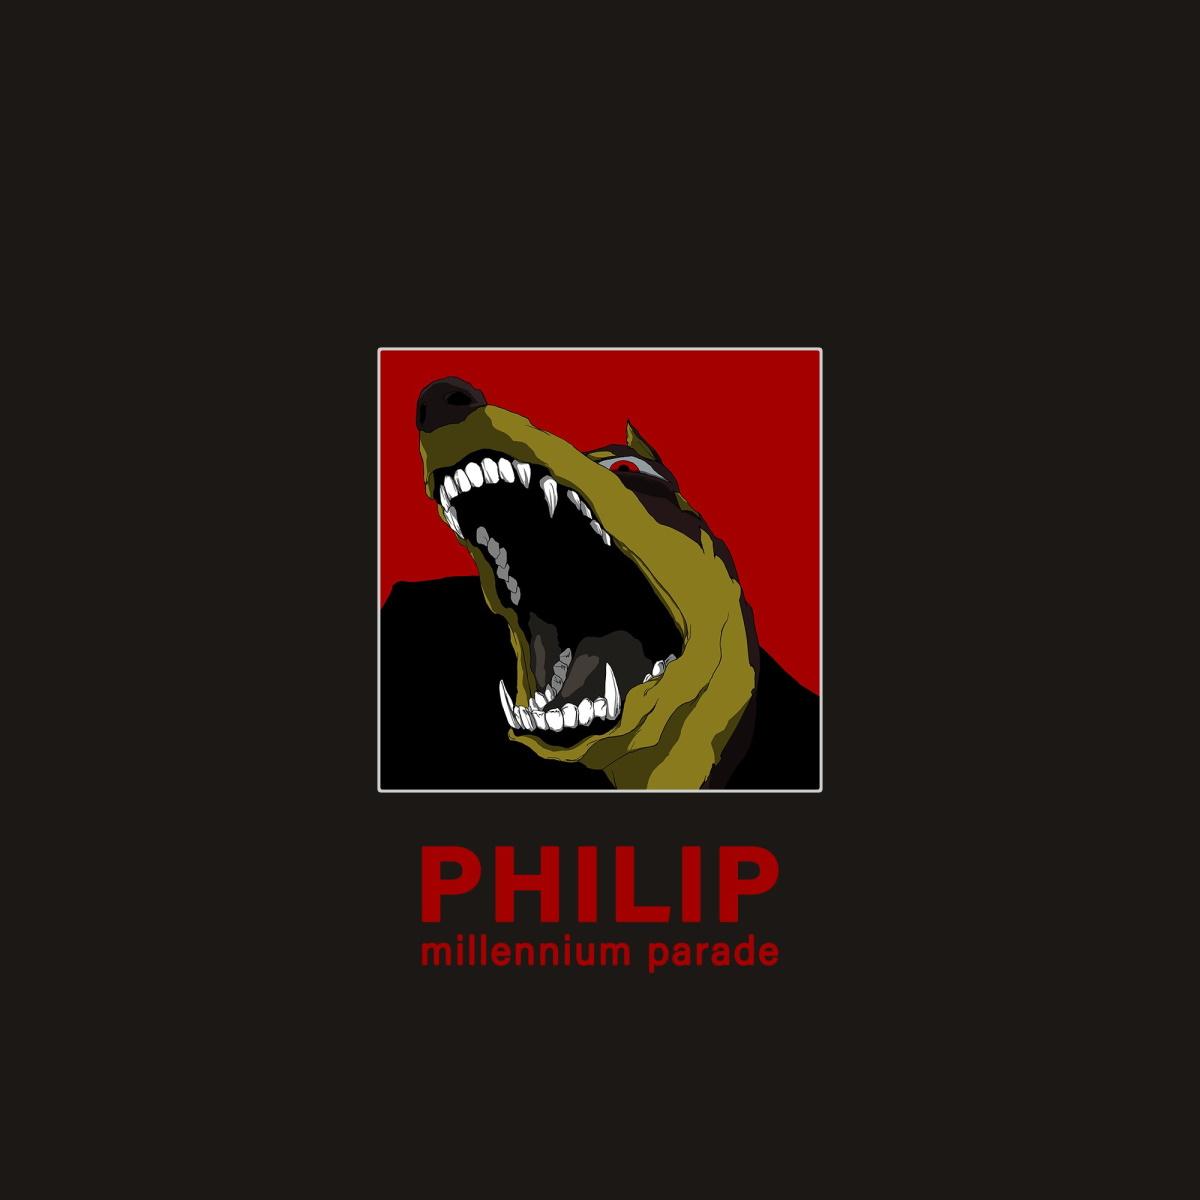 『millennium parade - Philip』収録の『Philip』ジャケット